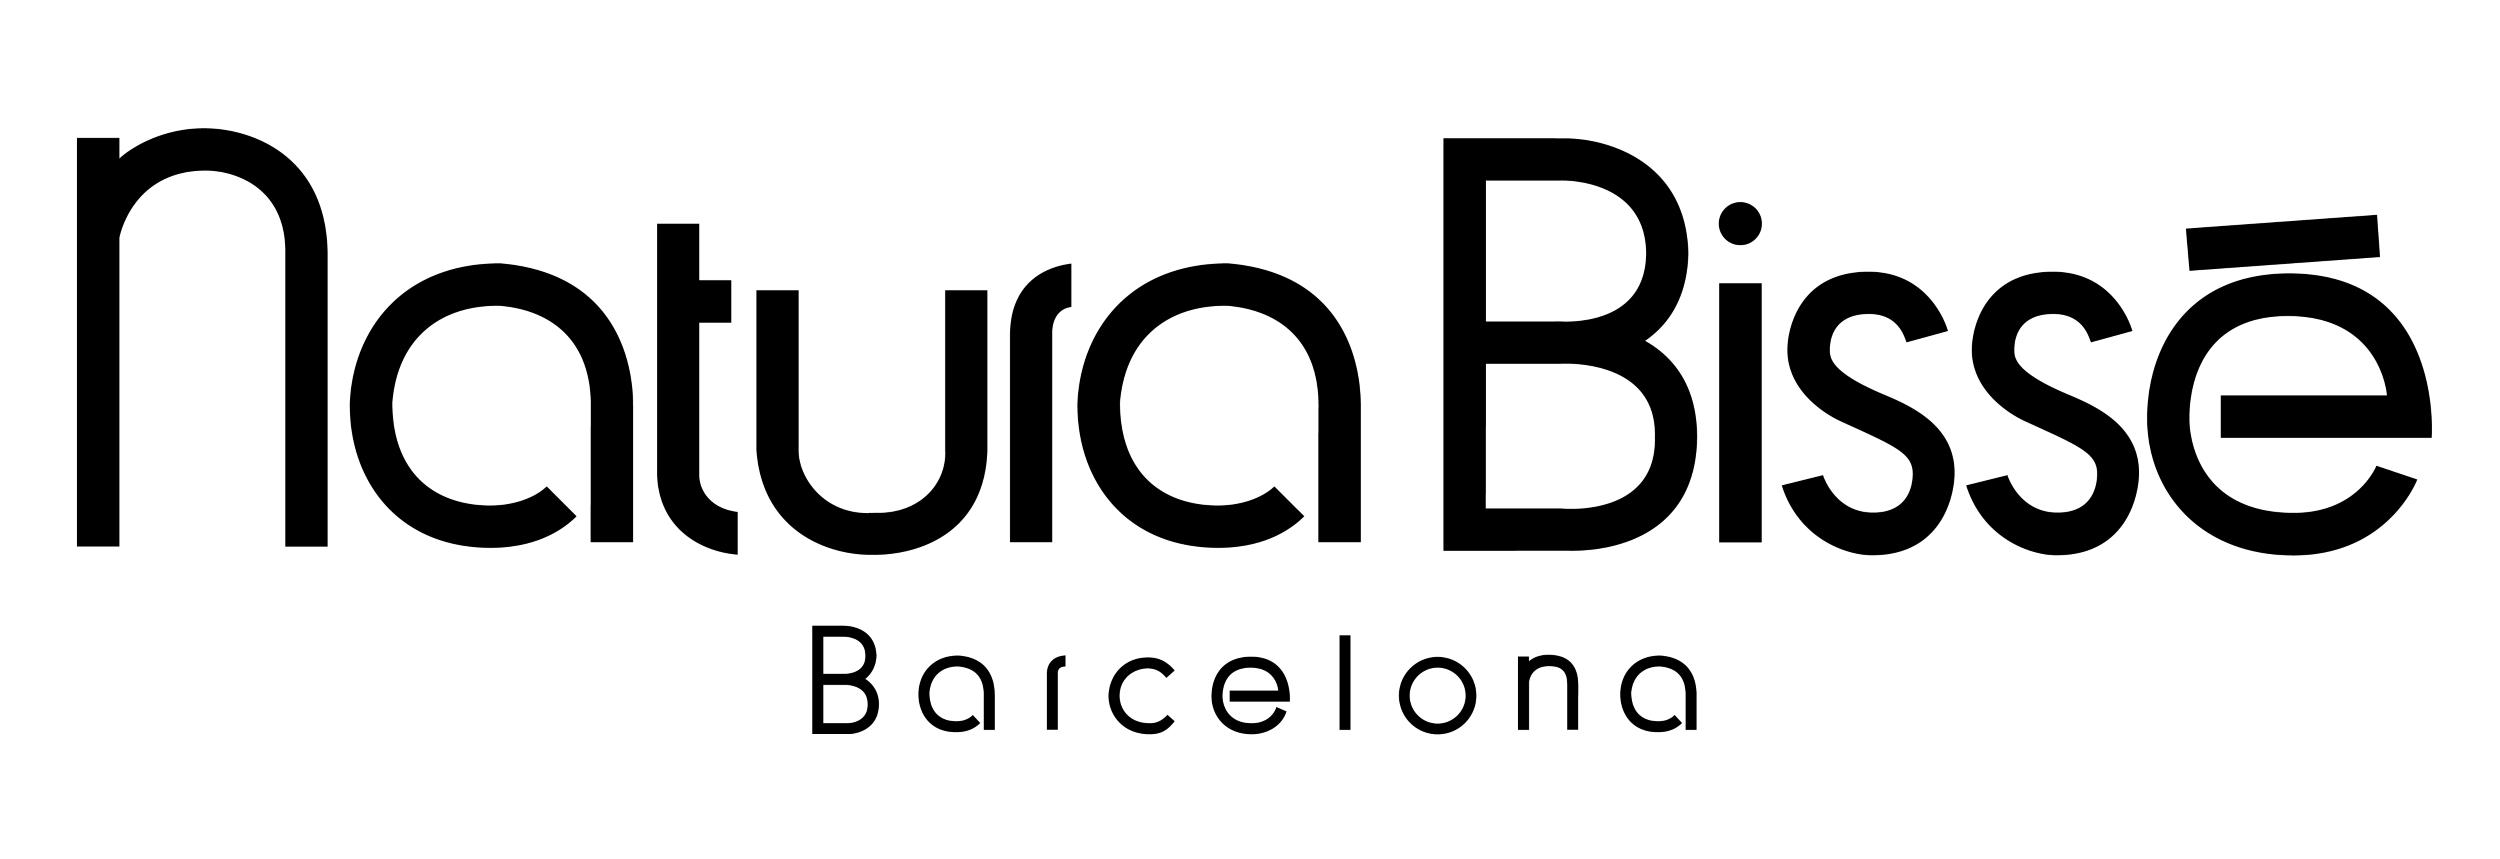 Natura Bisse logo, logotype